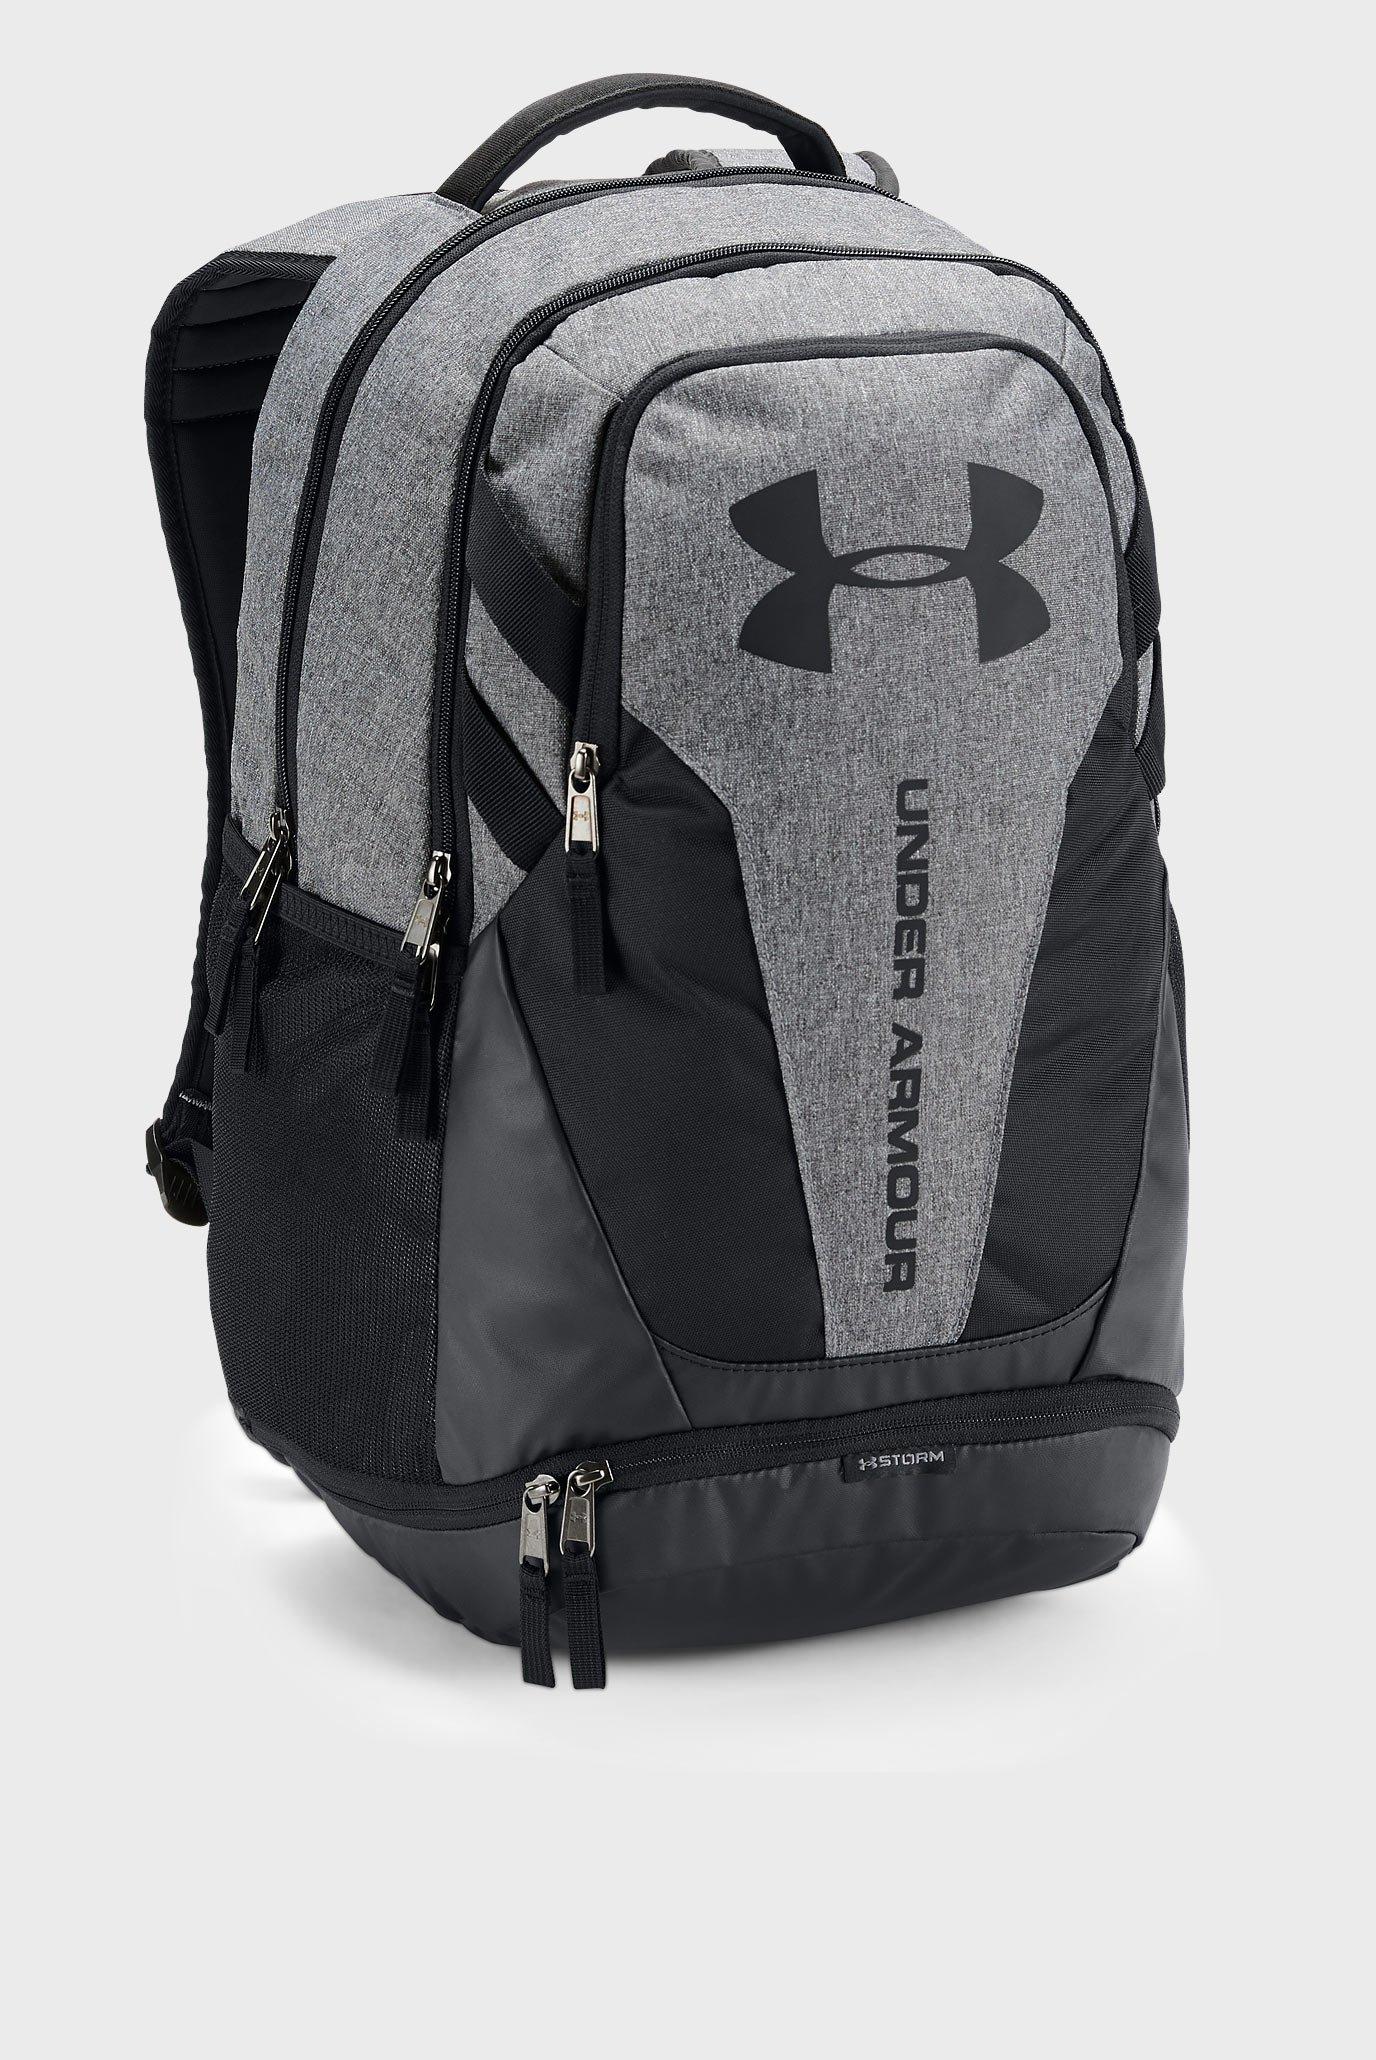 Купить Мужской серый рюкзак Hustle 3.0 Under Armour Under Armour 1294720-042 – Киев, Украина. Цены в интернет магазине MD Fashion